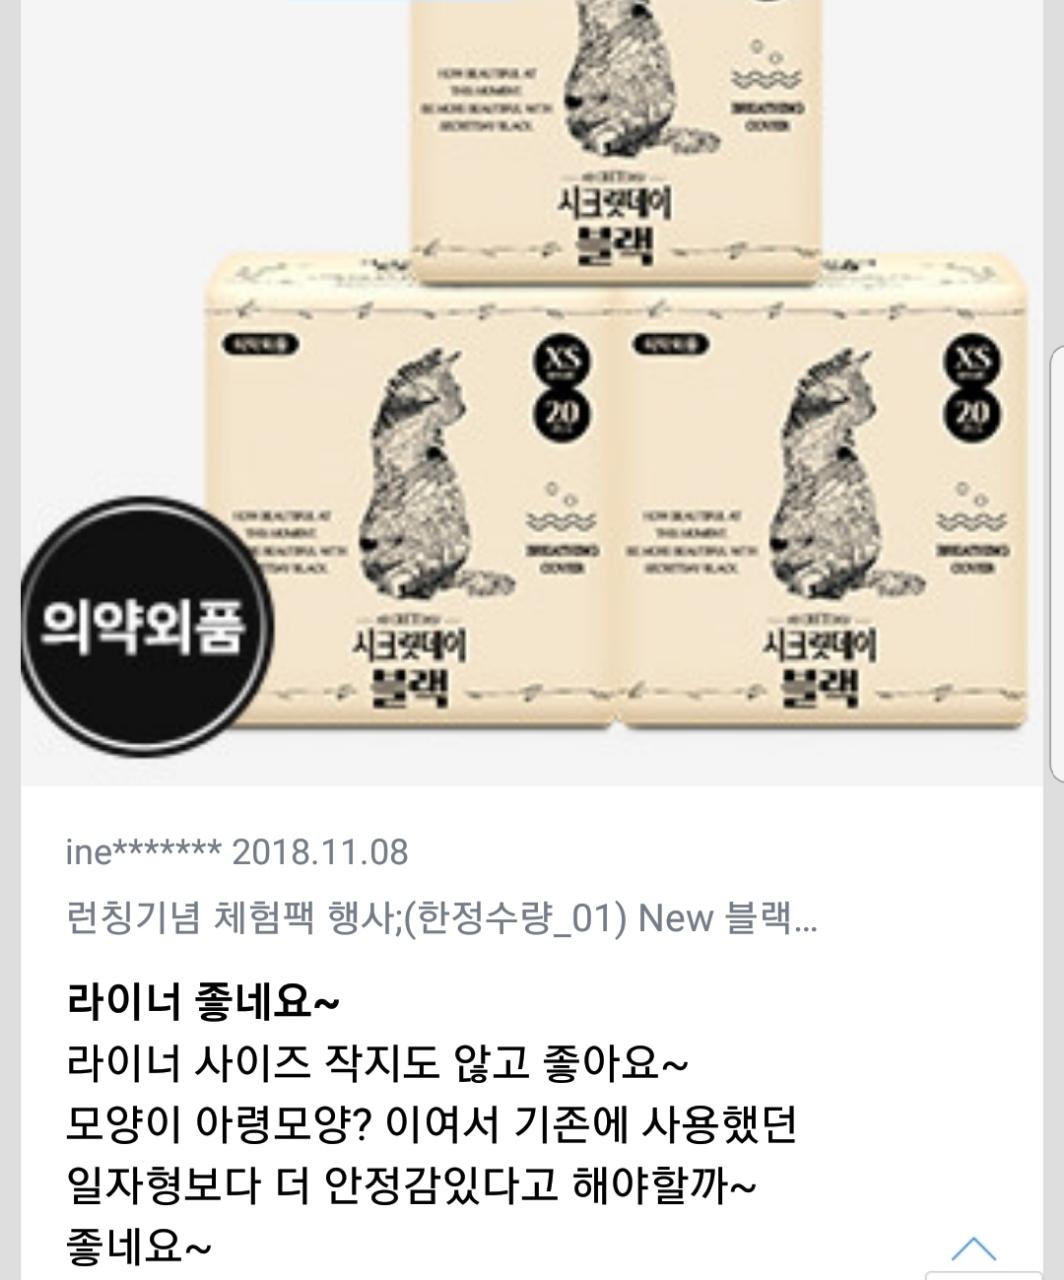 시크릿데이라이너20개 3팩 새상품